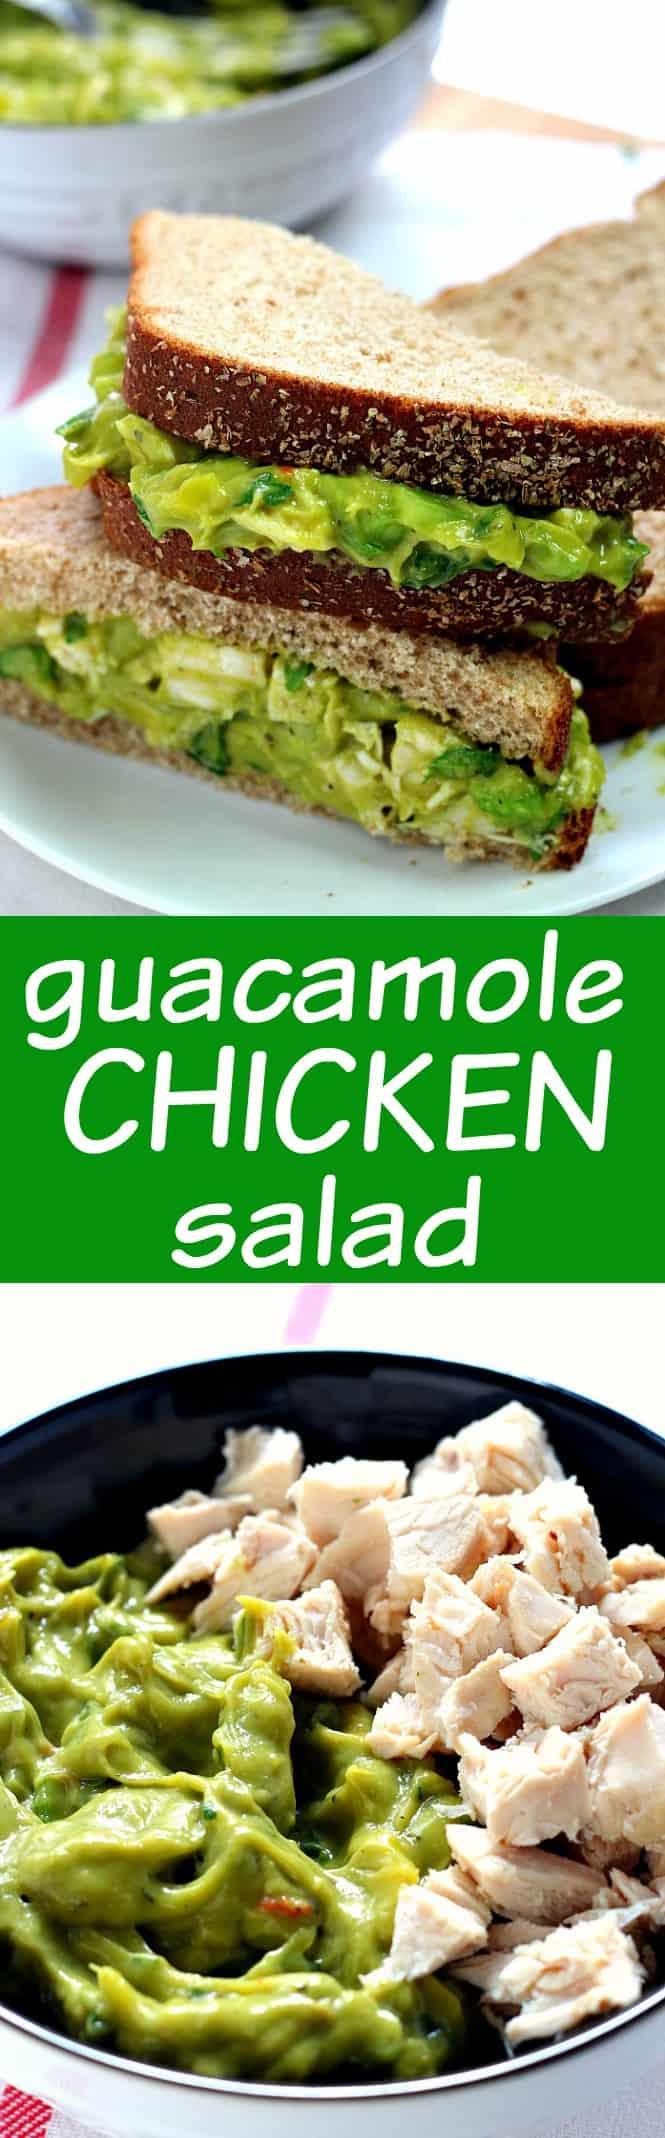 guacamole chicken salad long Guacamole Chicken Salad Recipe